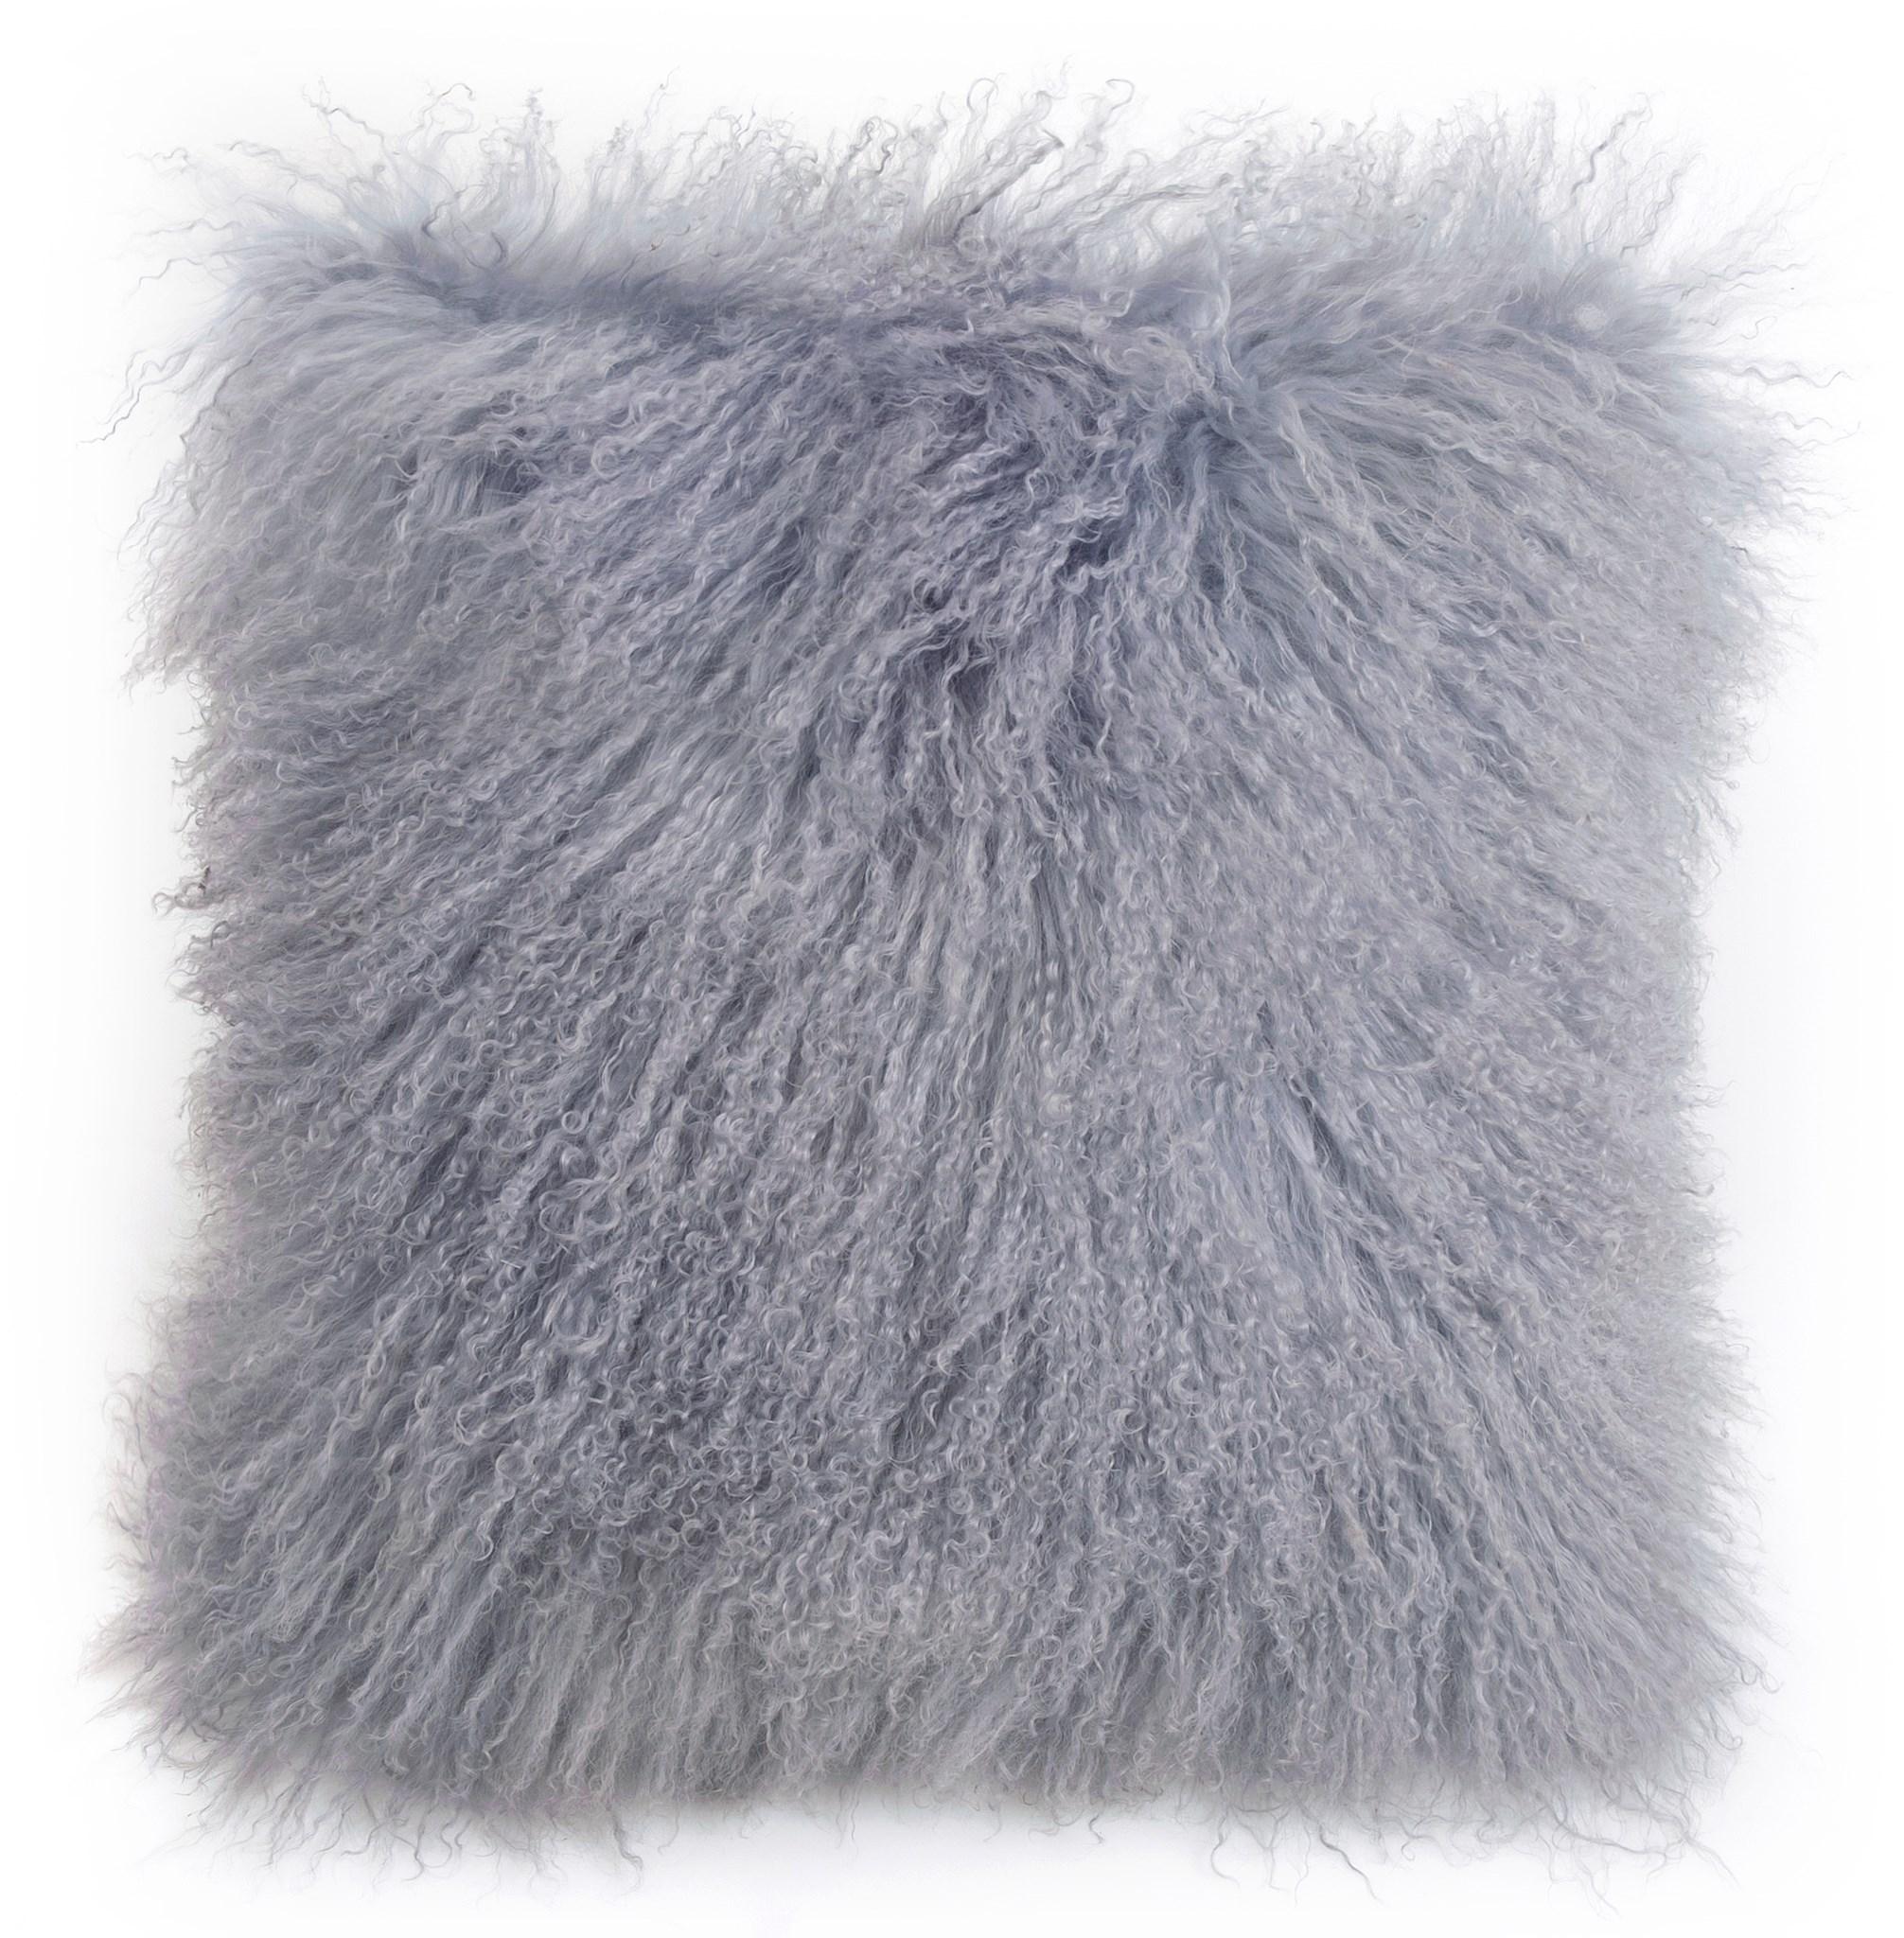 Tibetan Sheepskin Cushion Dove